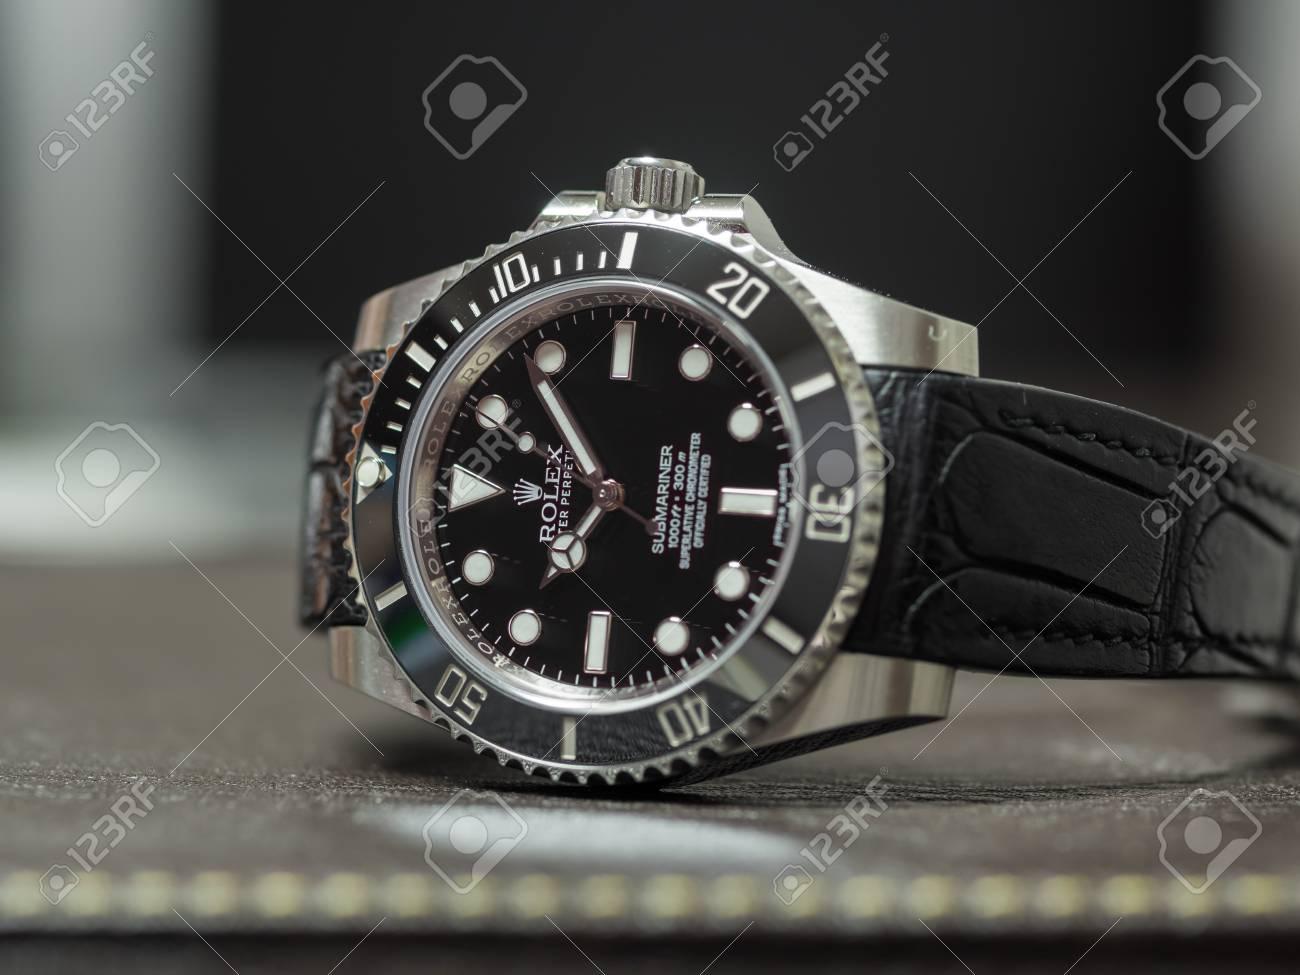 24 Reloj Lujo Piel En Fecha Bisel Sin PopularY Con SeptiembreRolex Modelo Bangkok Correa Cocodrilo Más La CerámicaEl De Submariner wOv80mNn